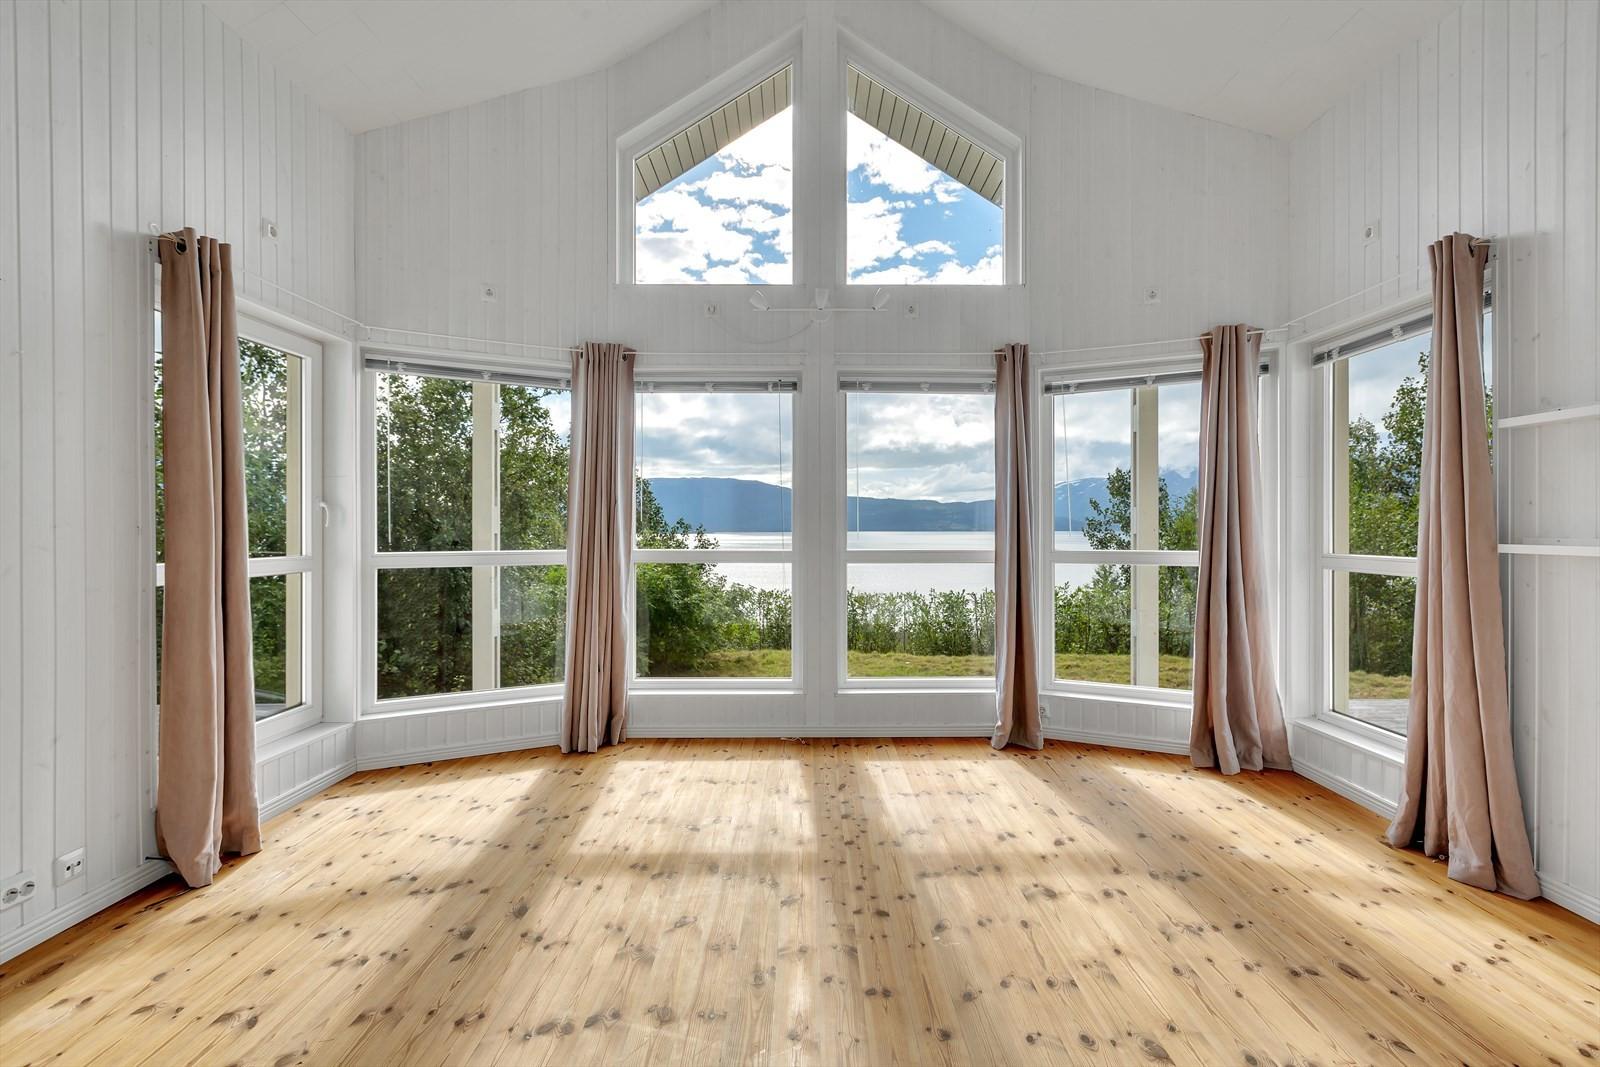 Boligen har en romslig og herskapelig stue med god takhøyde, gode lysforhold og utsikt.